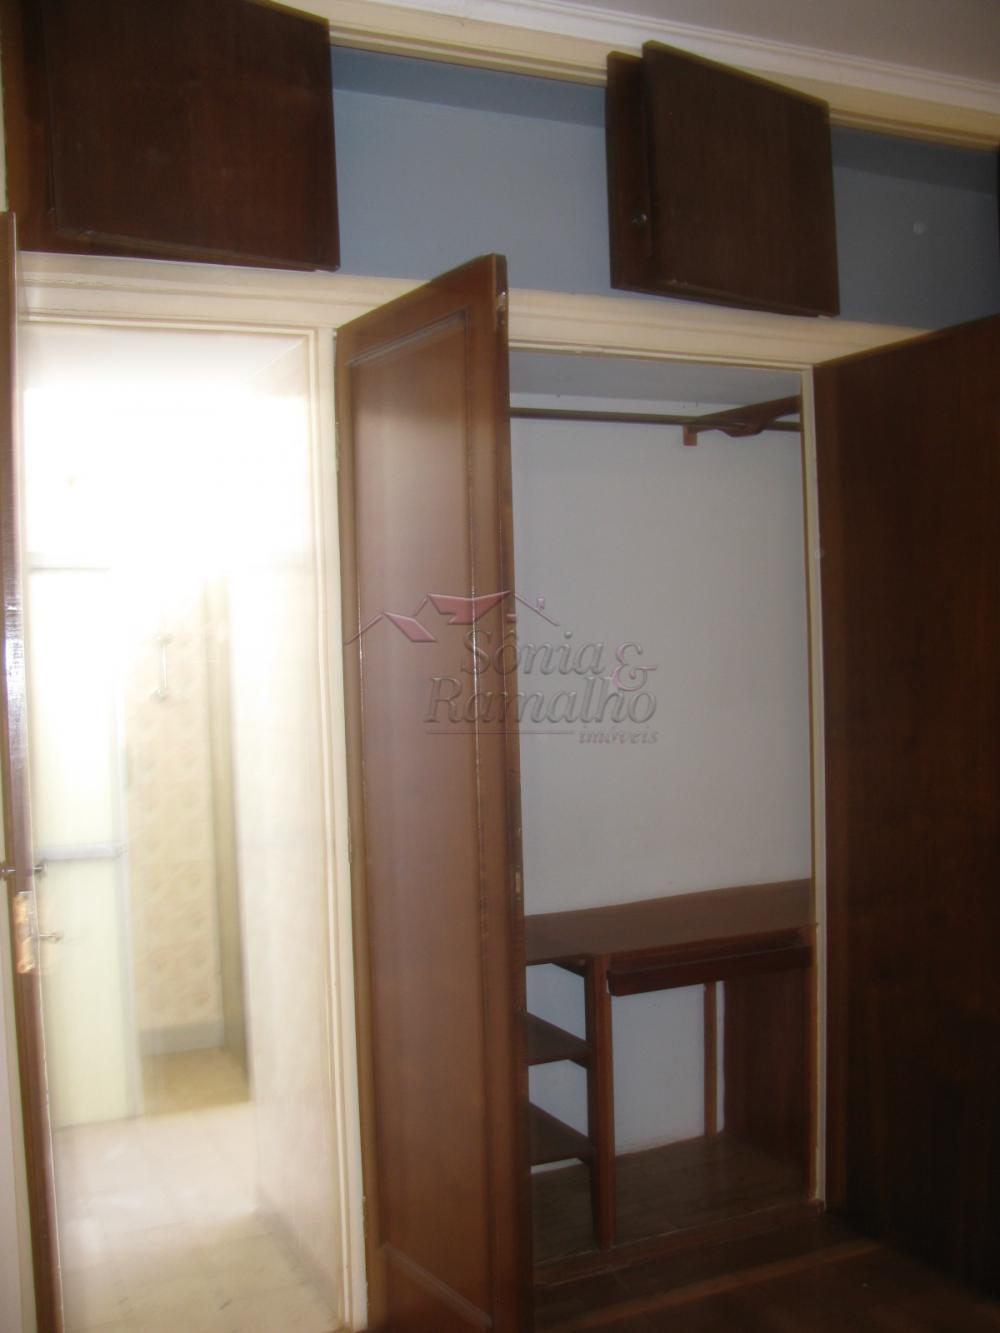 Alugar Casas / Comercial em Ribeirão Preto apenas R$ 4.000,00 - Foto 3